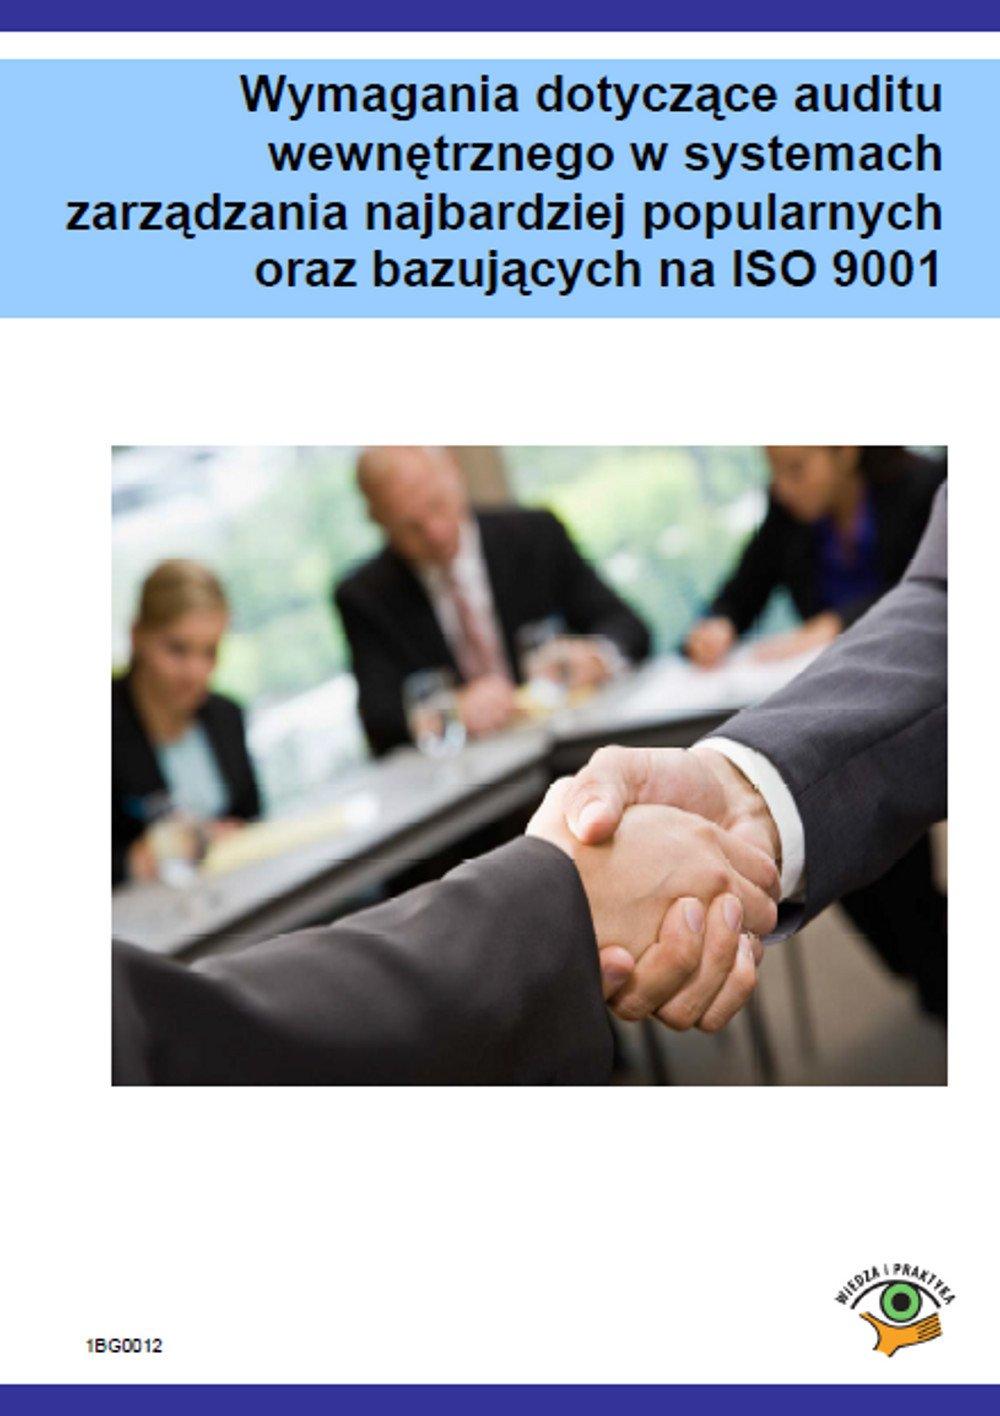 Wymagania dotyczące auditu wewnętrznego w systemach zarządzania najbardziej popularnych oraz bazujących na ISO 9001 - Ebook (Książka PDF) do pobrania w formacie PDF